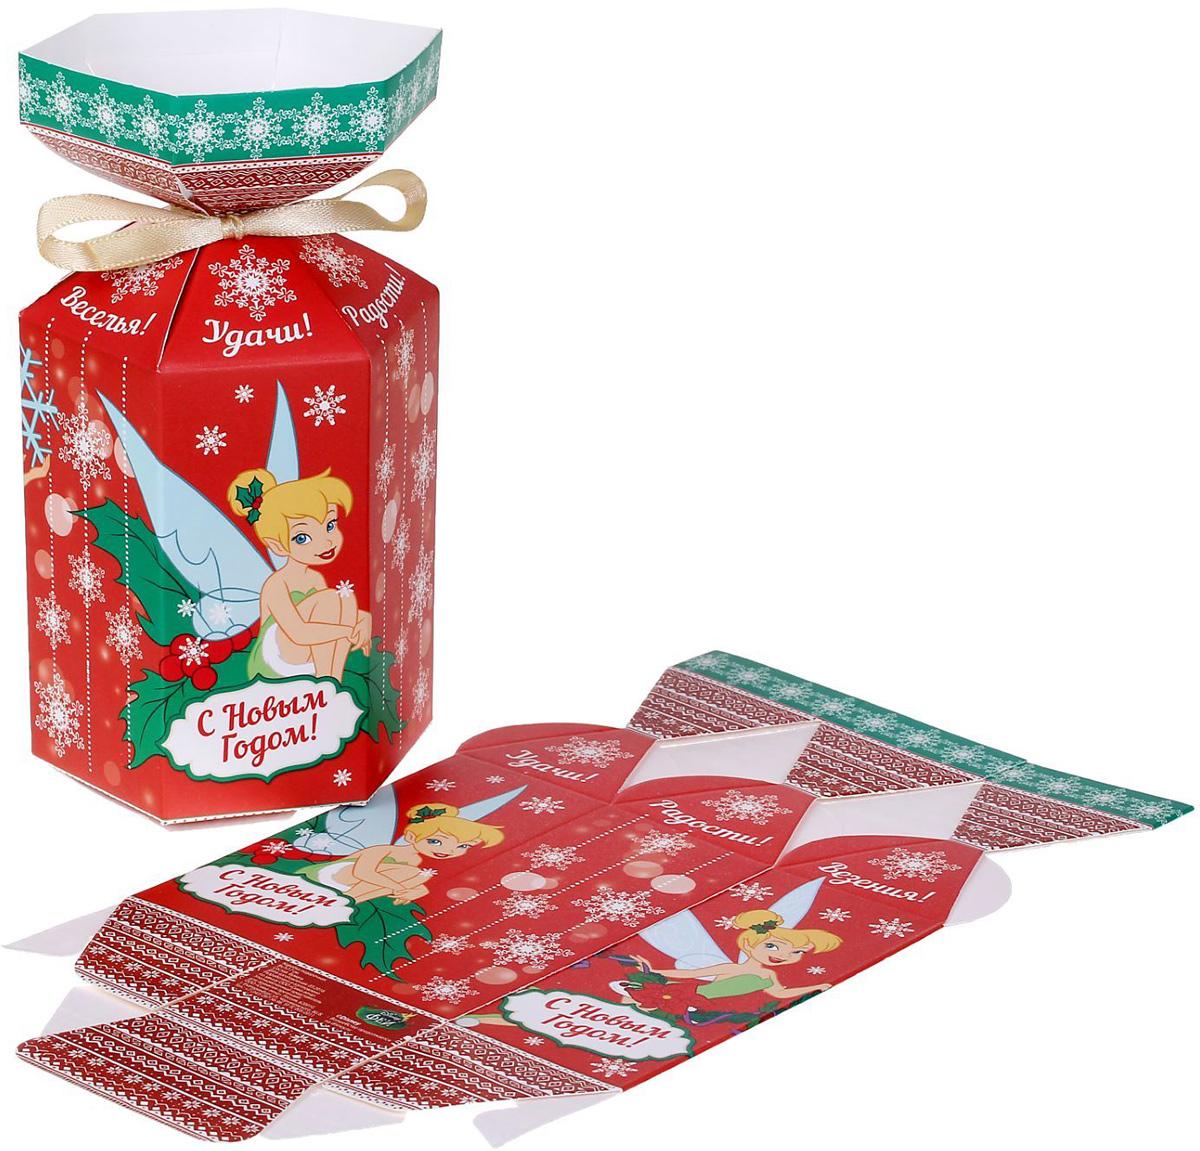 Коробка складная Disney Веселья! Феи, 9 х 4 х 4 см1398651Любой подарок начинается с упаковки. Что может быть трогательнее и волшебнее, чем ритуал разворачивания полученного презента. И именно оригинальная, со вкусом выбранная упаковка выделит ваш подарок из массы других. Она продемонстрирует самые теплые чувства к виновнику торжества и создаст сказочную атмосферу праздника.